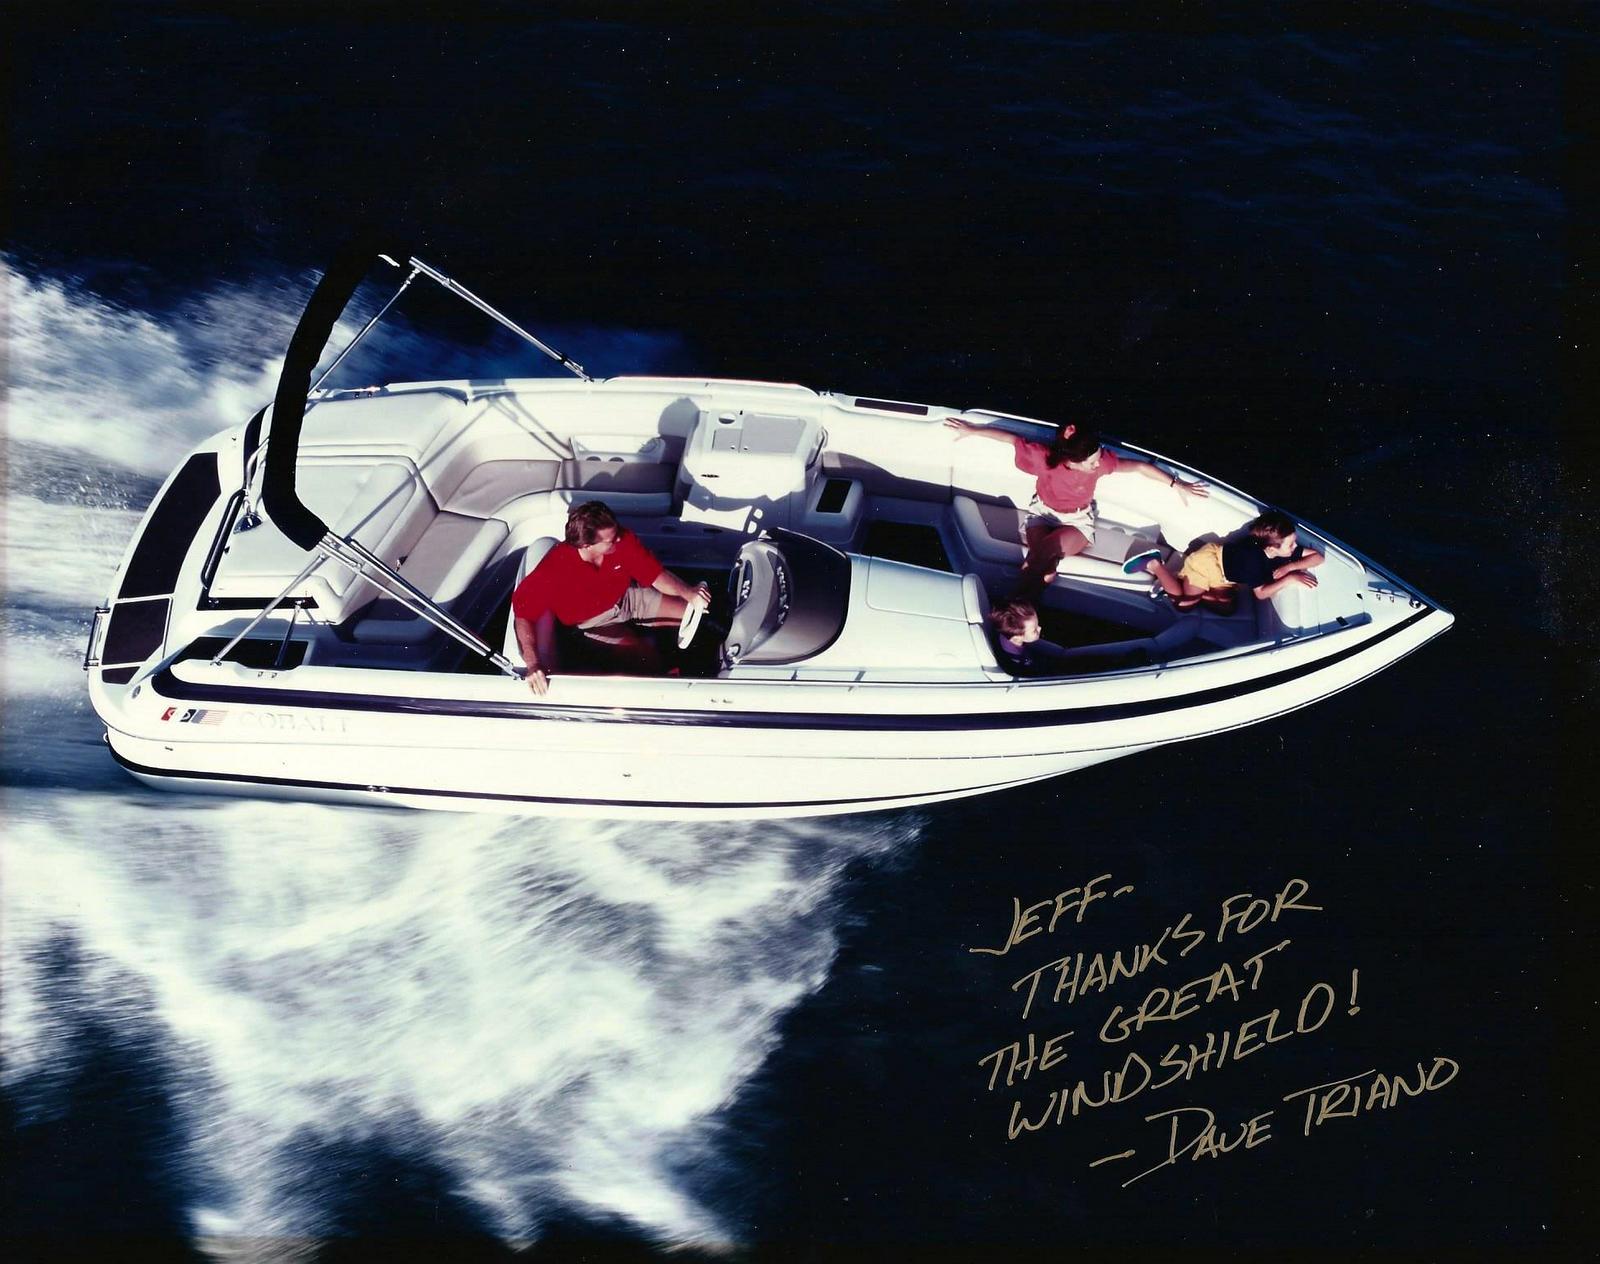 Cobalt boat Windshield